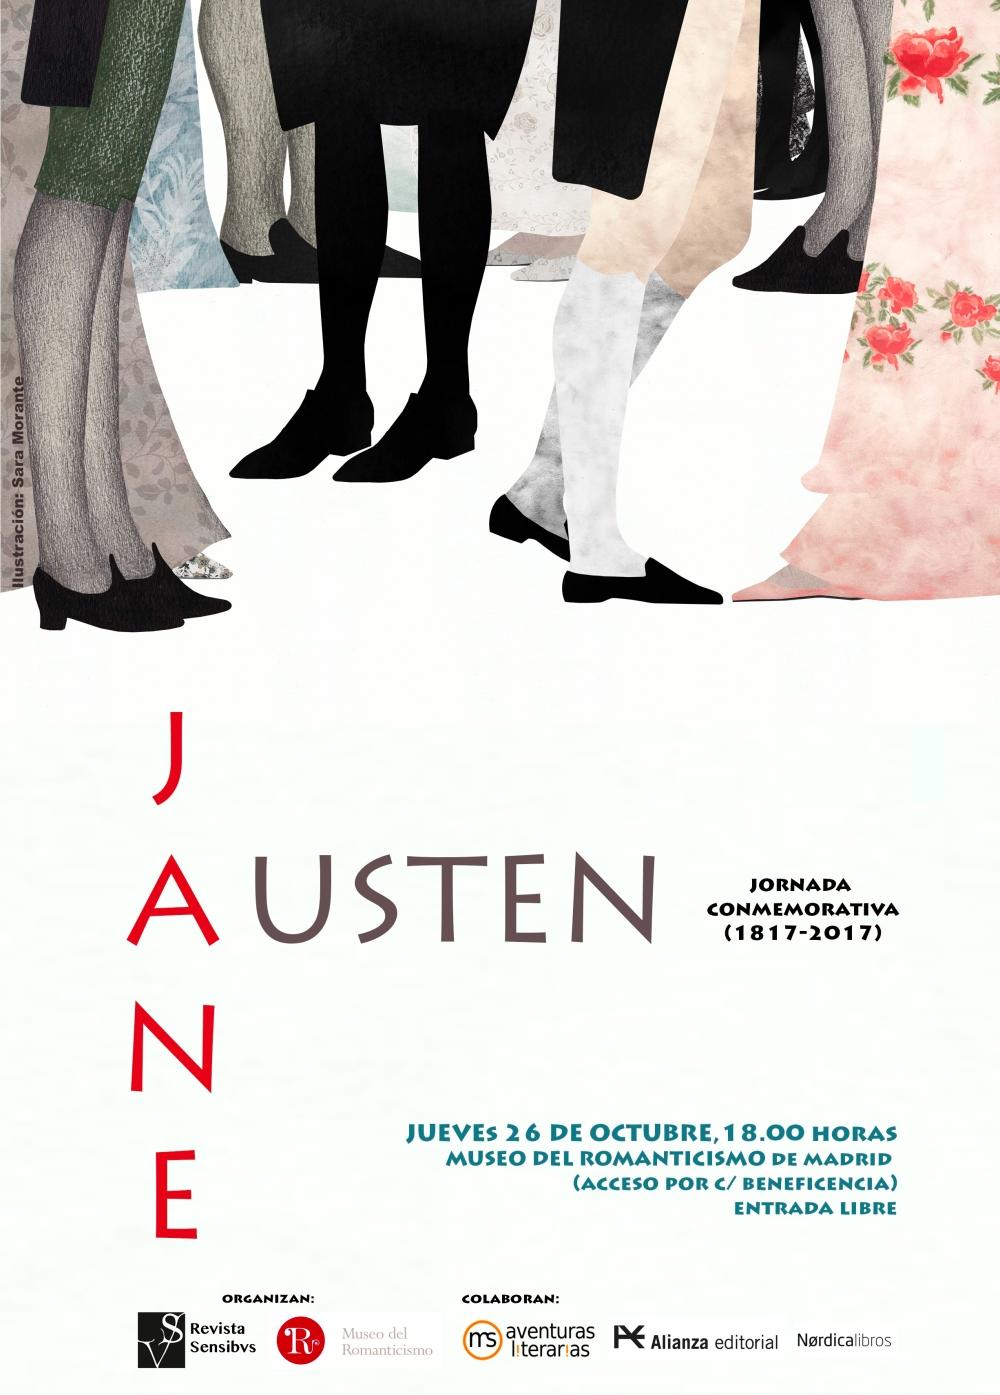 Cartel Jane Austen marcas corte